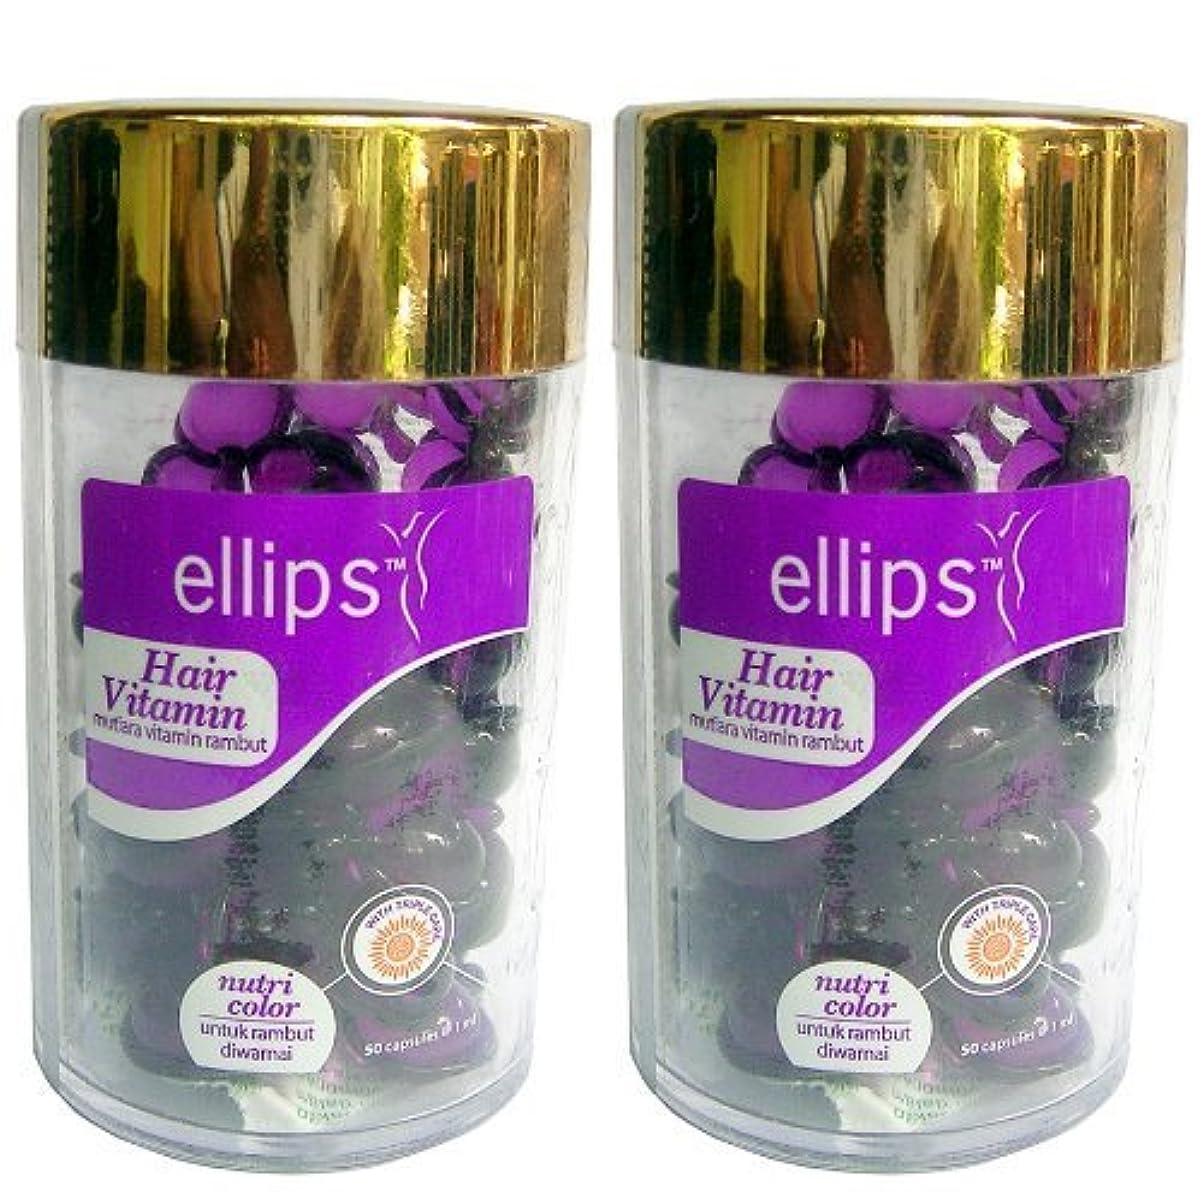 フェード長椅子別のEllips(エリプス)ヘアビタミン(50粒入)2個セット [並行輸入品][海外直送品] パープル